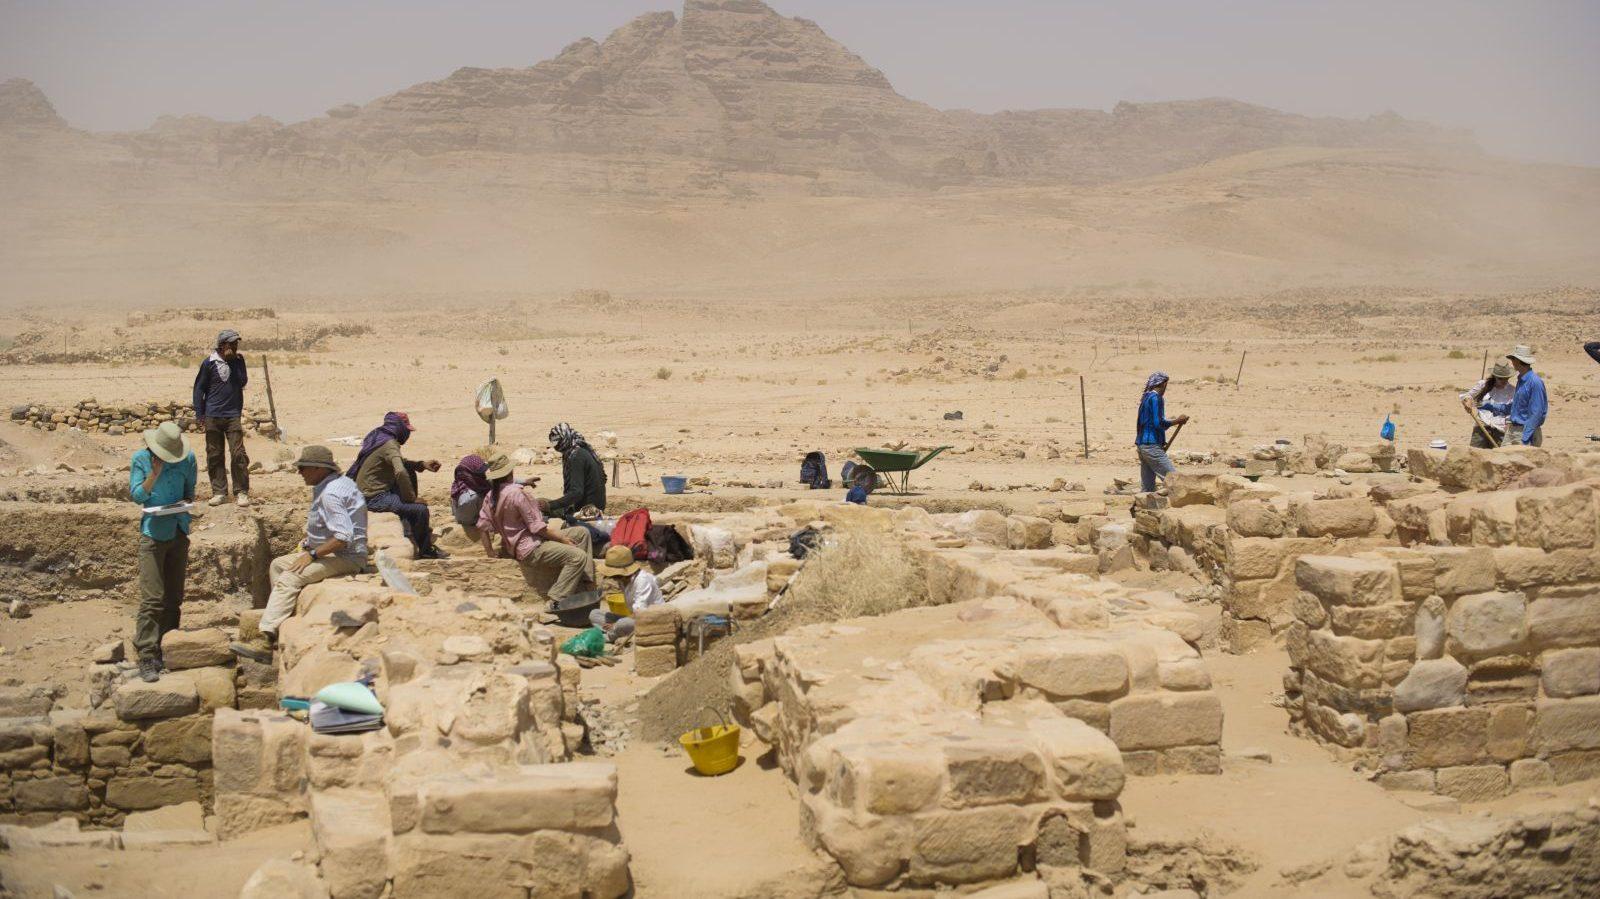 Giordania: scoperto il frammento di scacchi più  antico al mondo